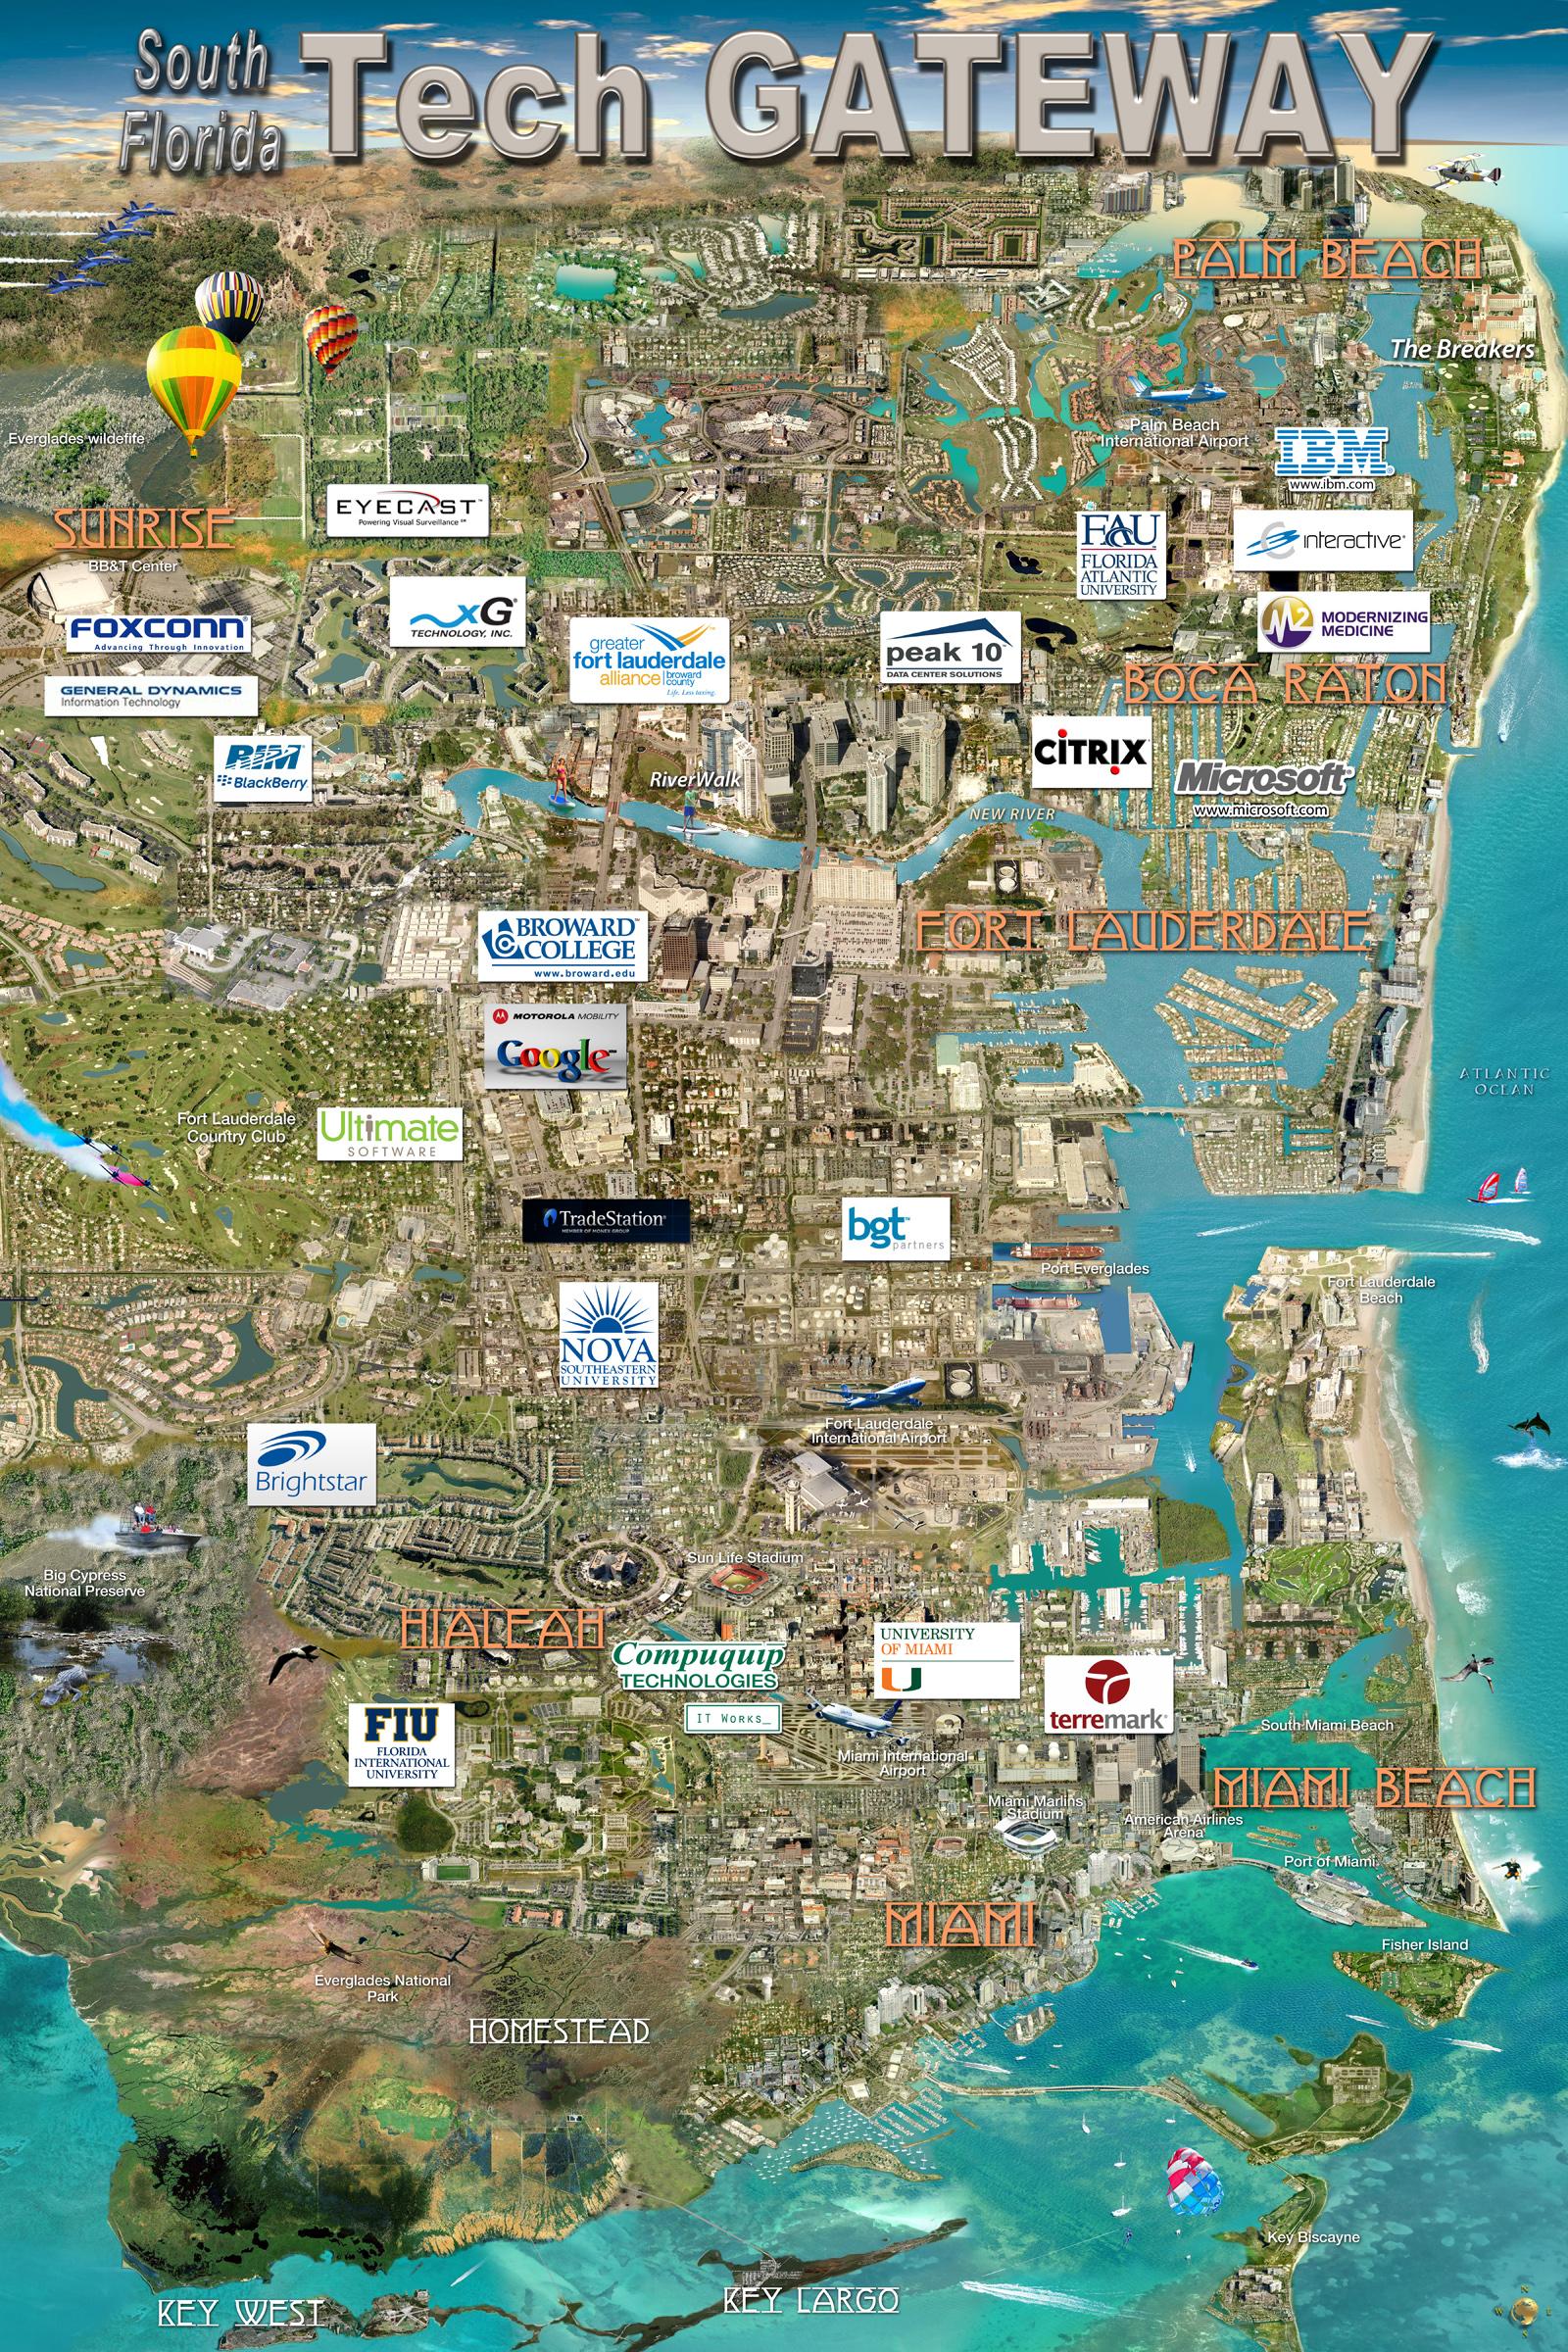 South Florida Tech Gateway Map Silicon Maps